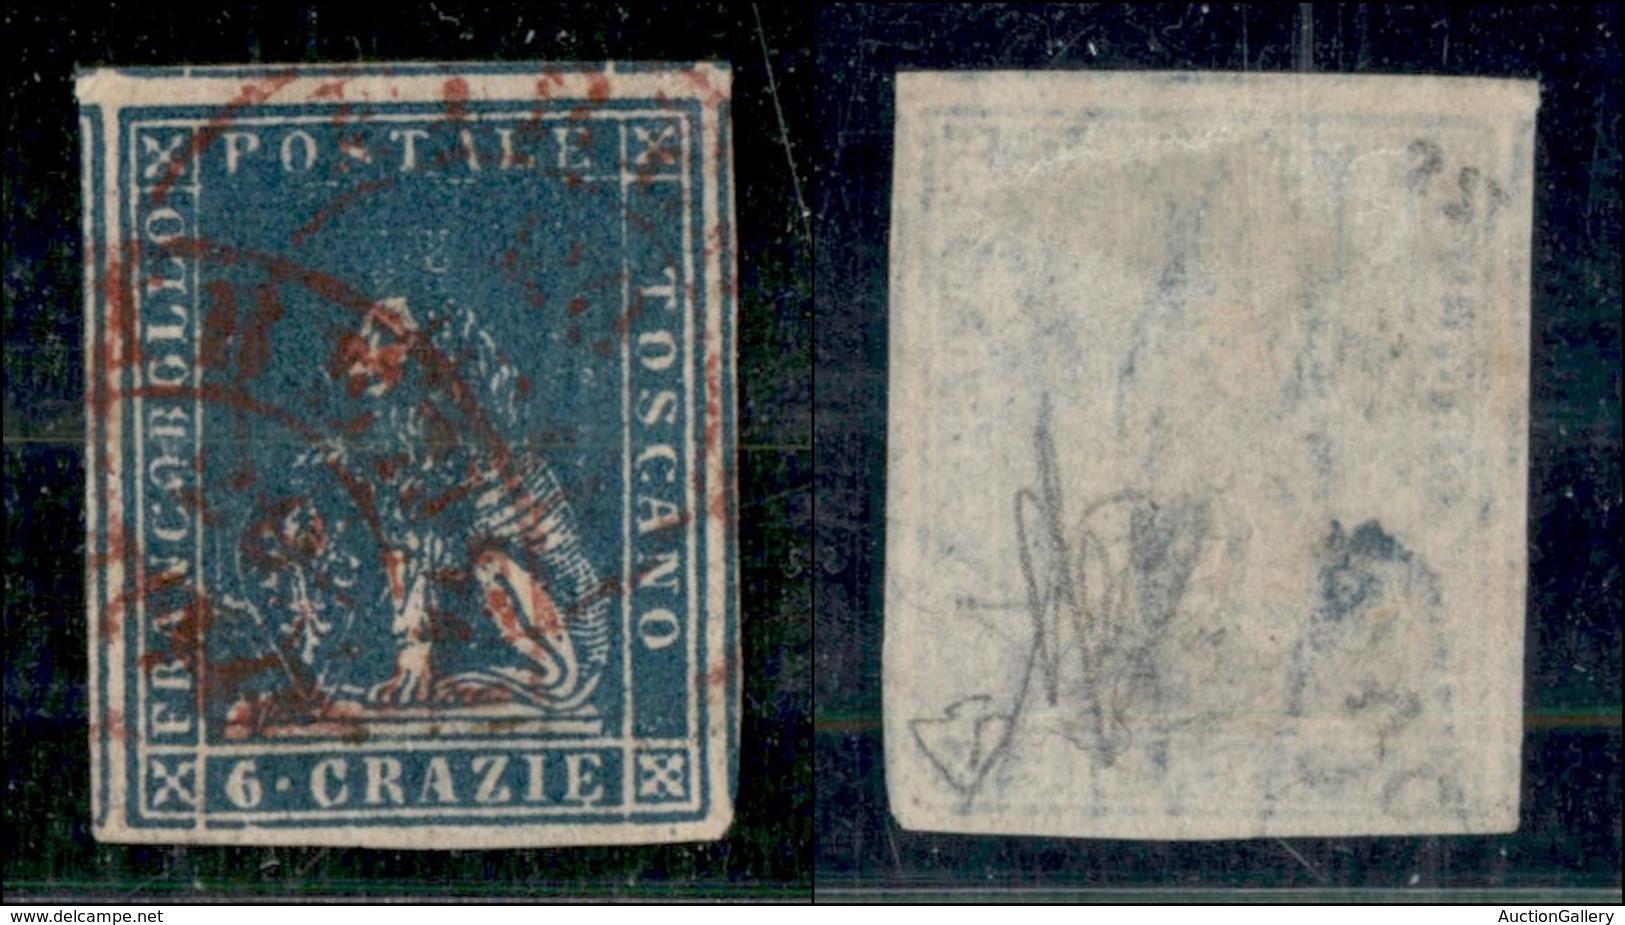 ANTICHI STATI ITALIANI - TOSCANA - 1857 - 6 Crazie (15) Usato - Grandi Margini (5 Vicini) - Leggero Assottigliamento Al  - Sin Clasificación